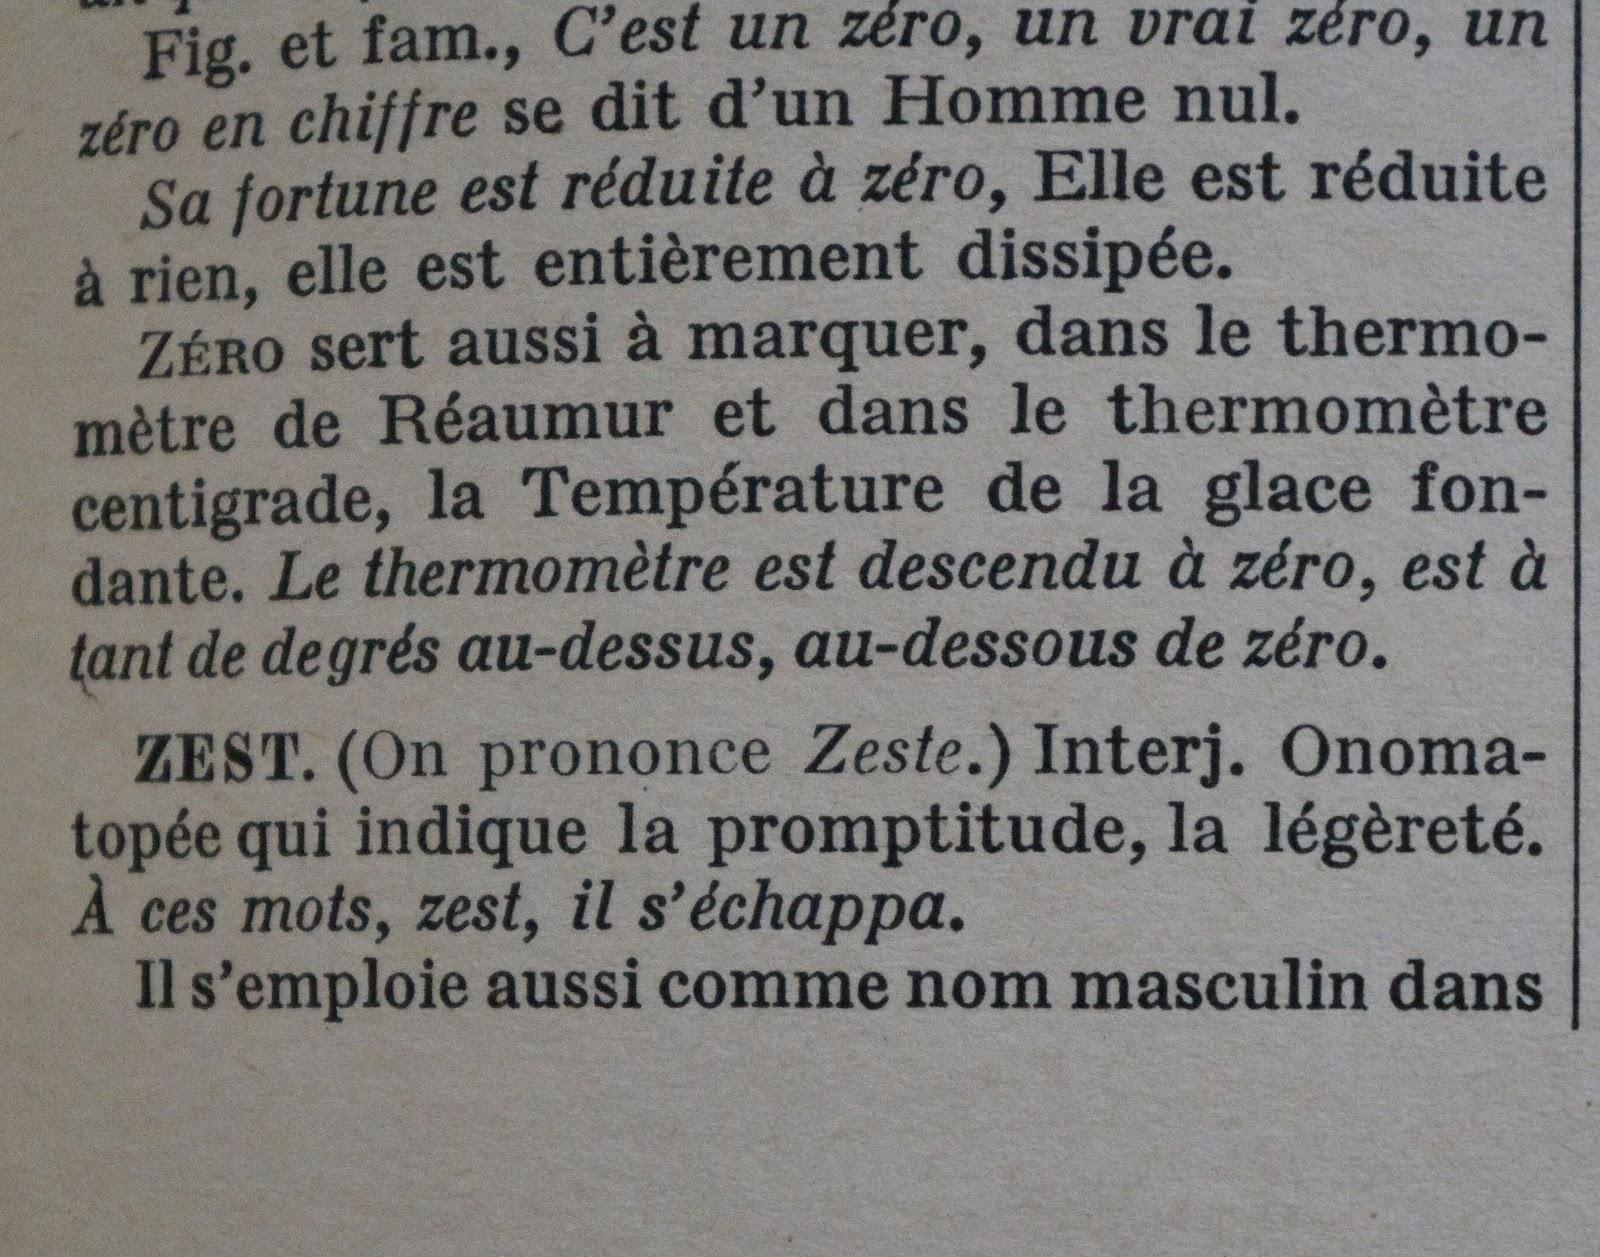 f52e7b5f212 on joint les définitions du Dictionnaire de Trévoux de 1771 et du  Dictionnaire de l Académie de 1718 pour en faire une qui est plus complète  finalement